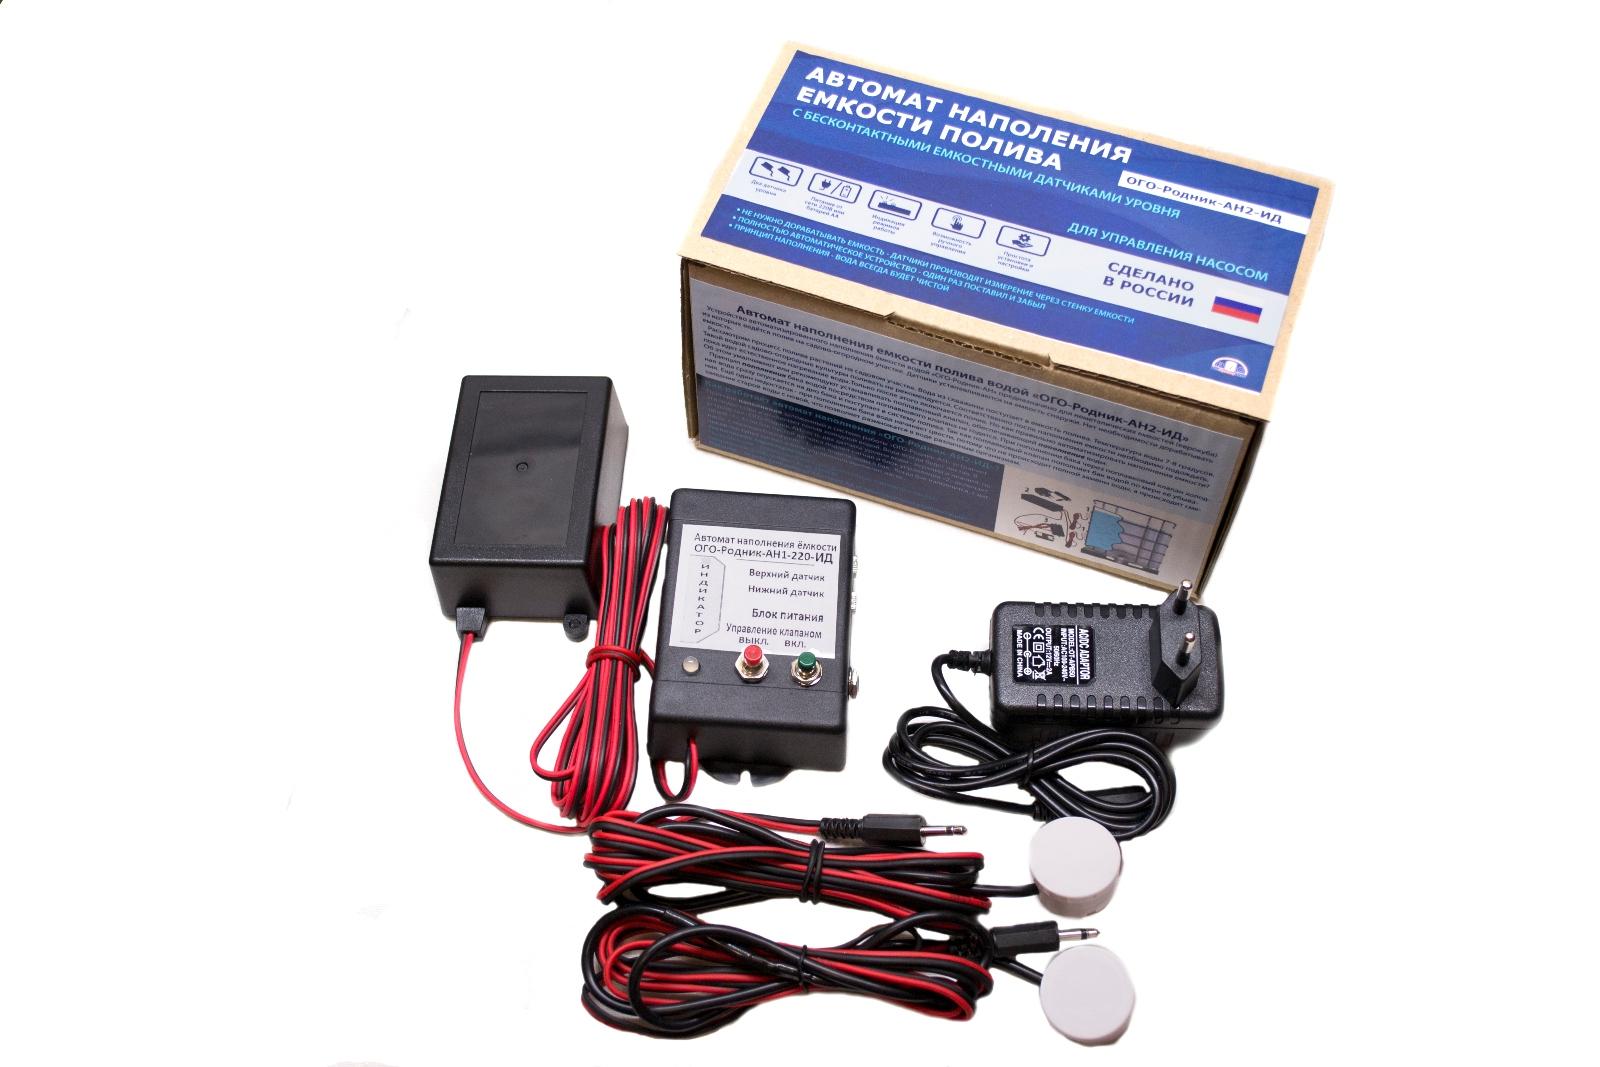 Автомат наполнения емкости «ОГО-Родник-АН2-220-ИД», без доработки емкости